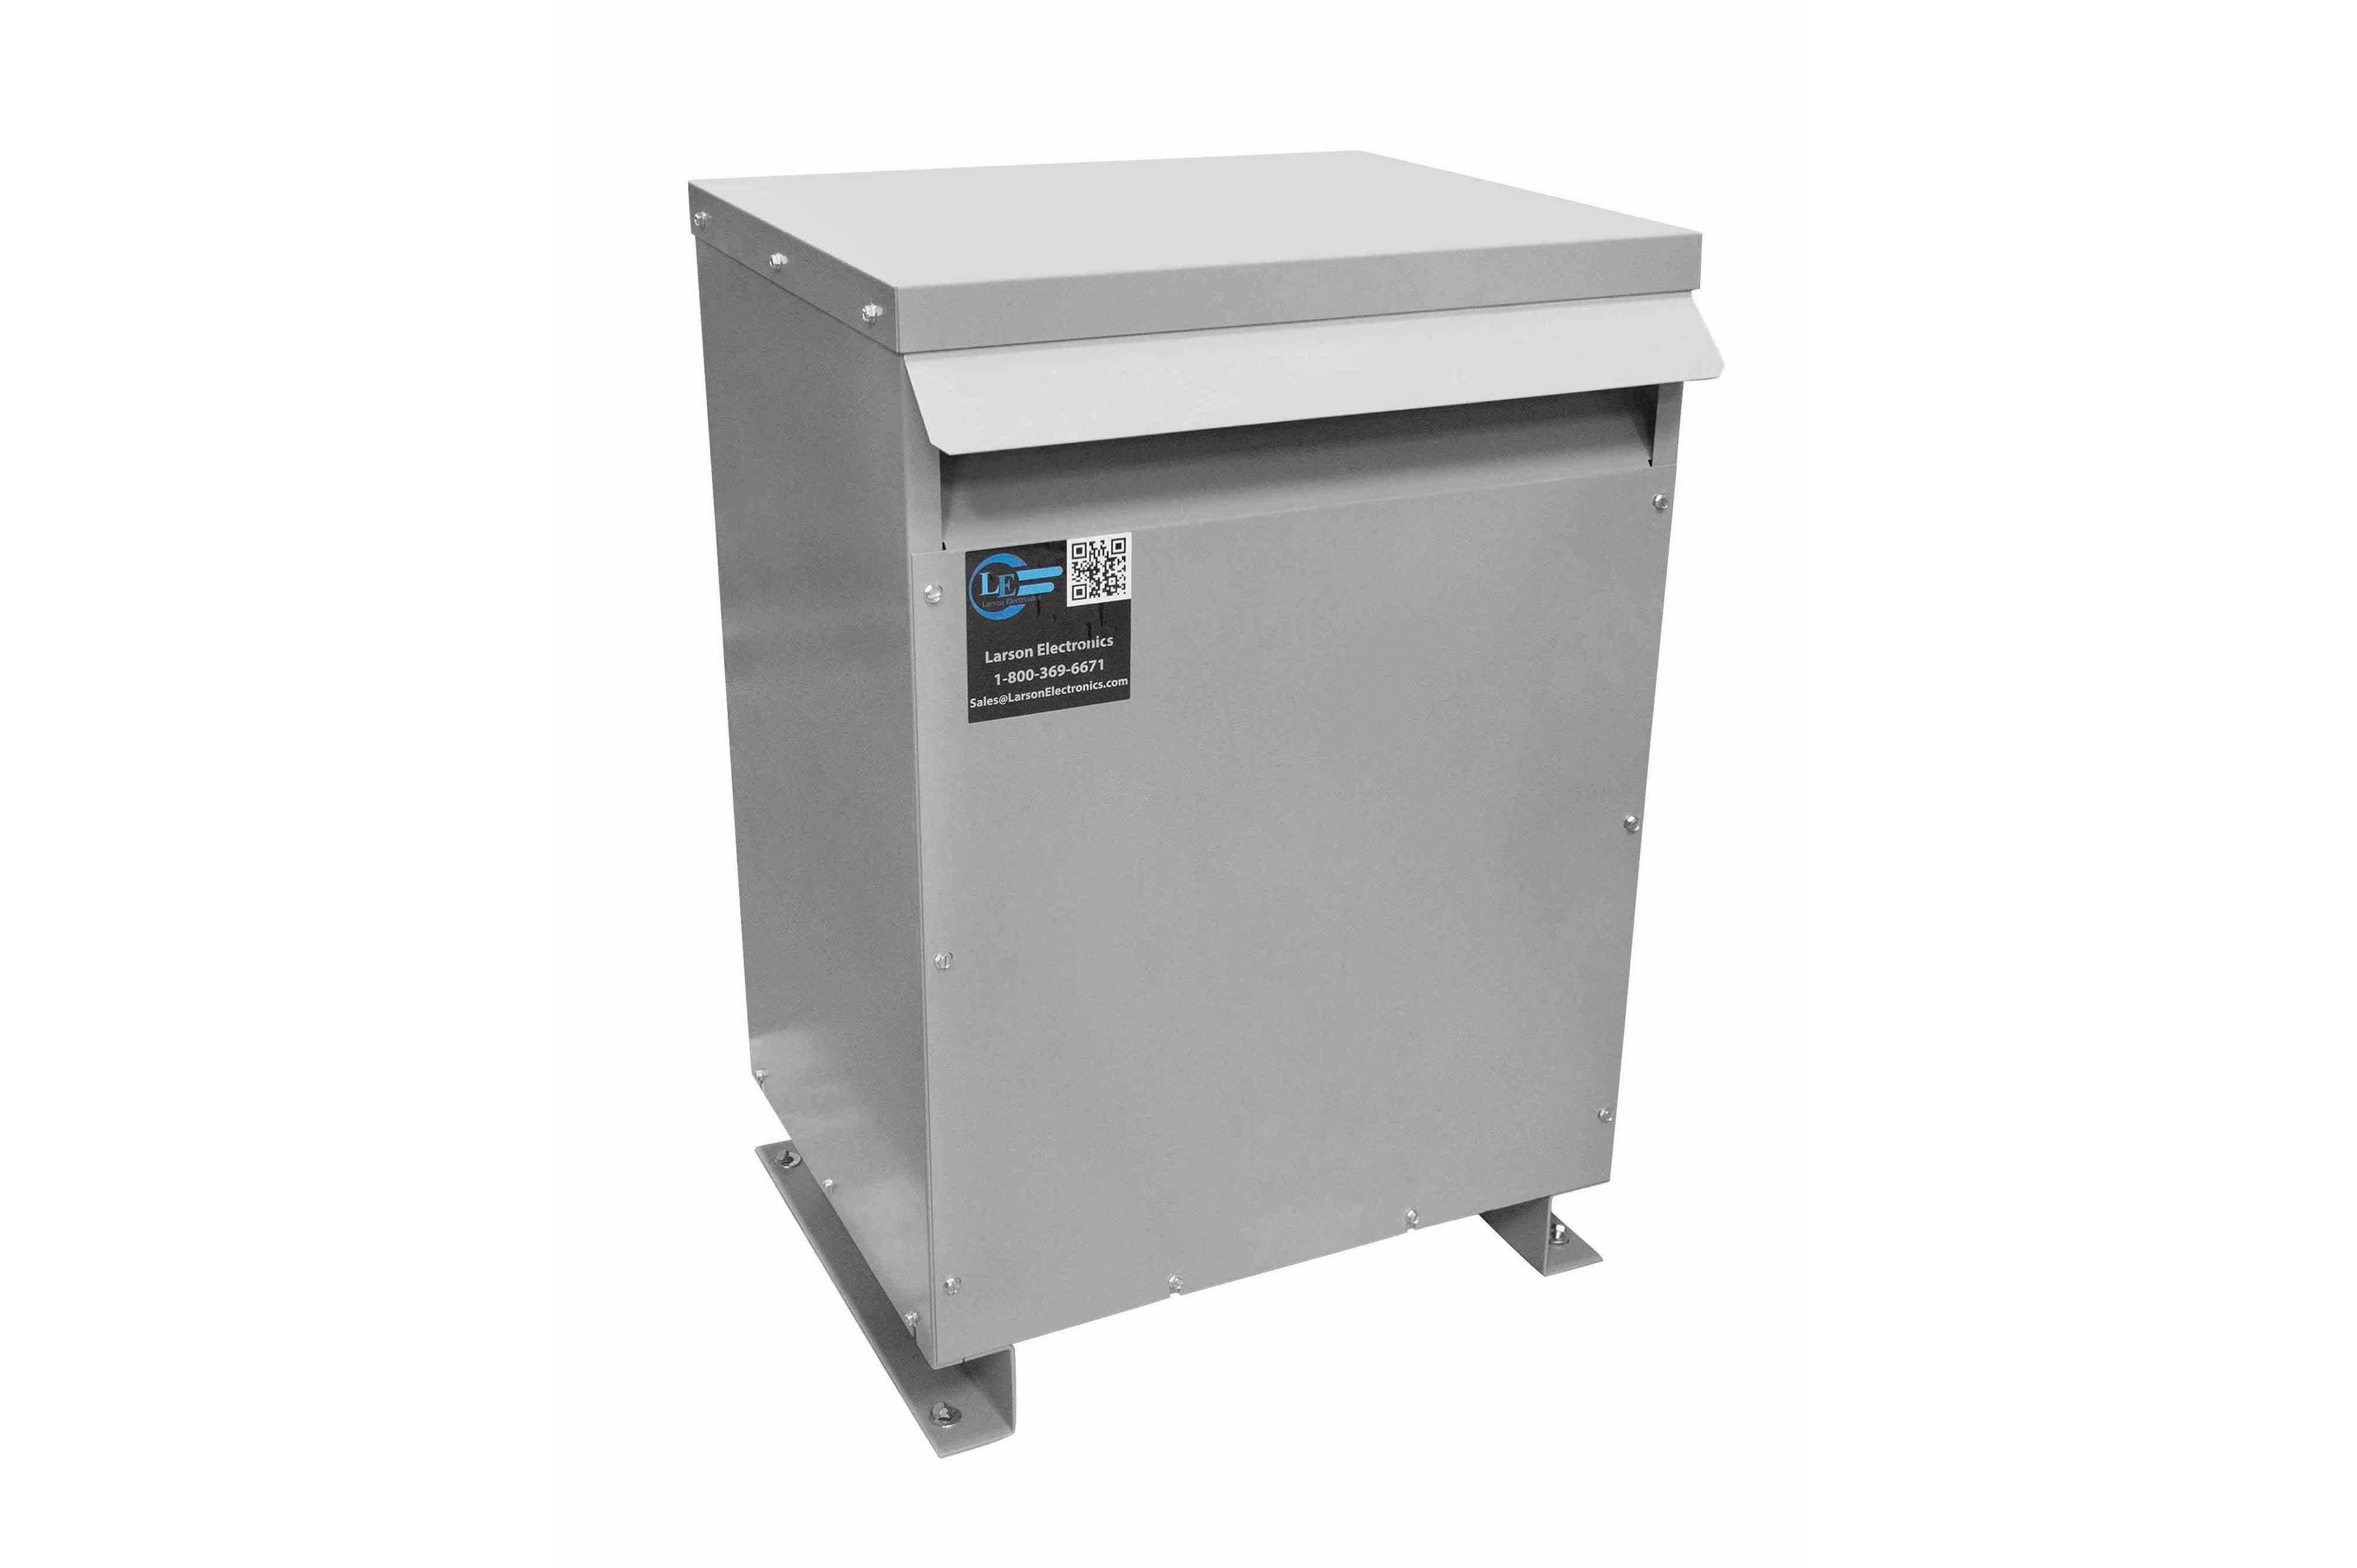 115 kVA 3PH Isolation Transformer, 380V Delta Primary, 240 Delta Secondary, N3R, Ventilated, 60 Hz